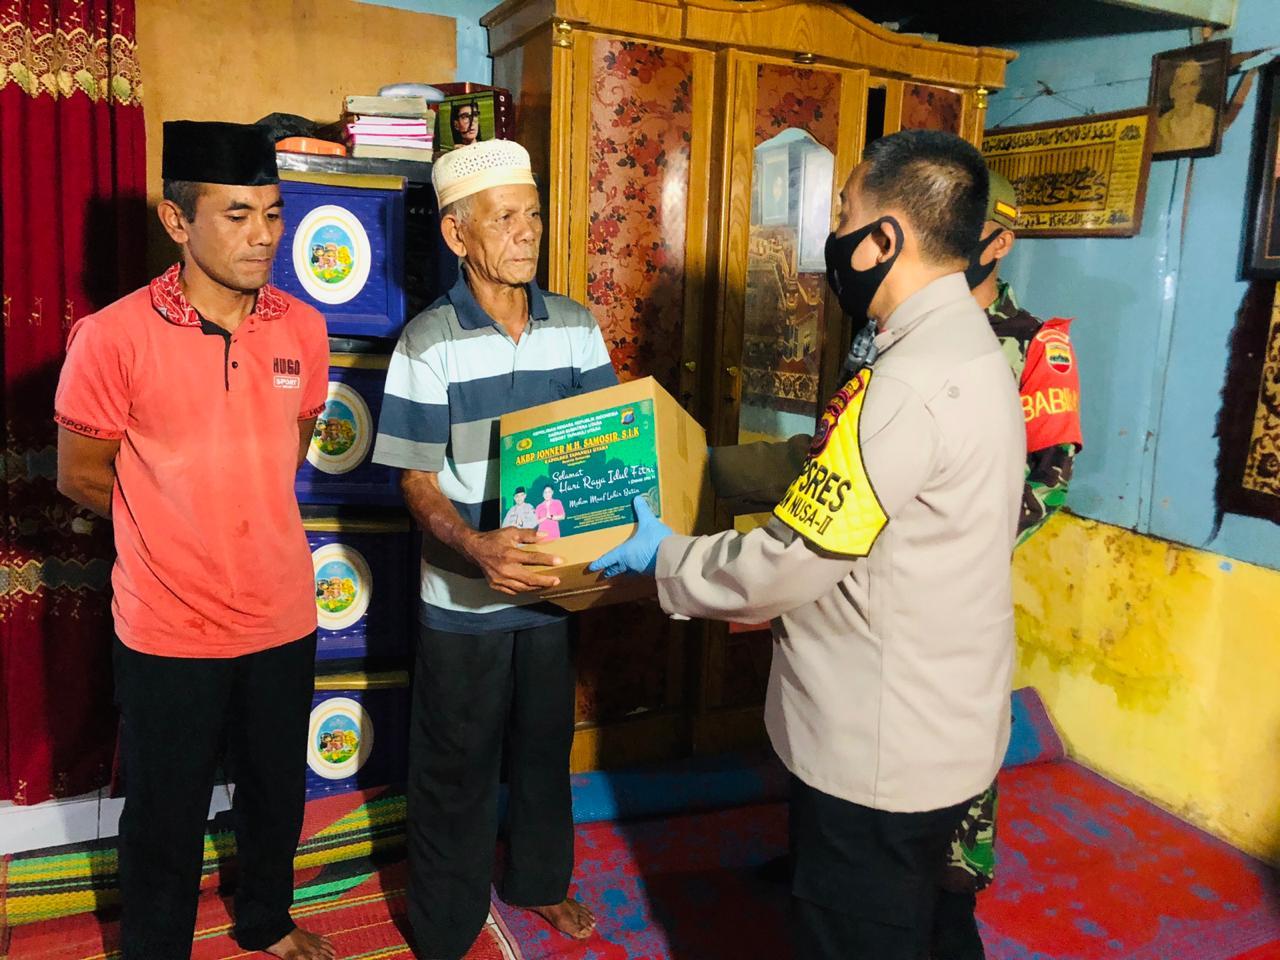 Kapolres Taput, AKBP Jonser M. H Samosir saat memberikan bantuan kepada warga. Foto: Istimewa